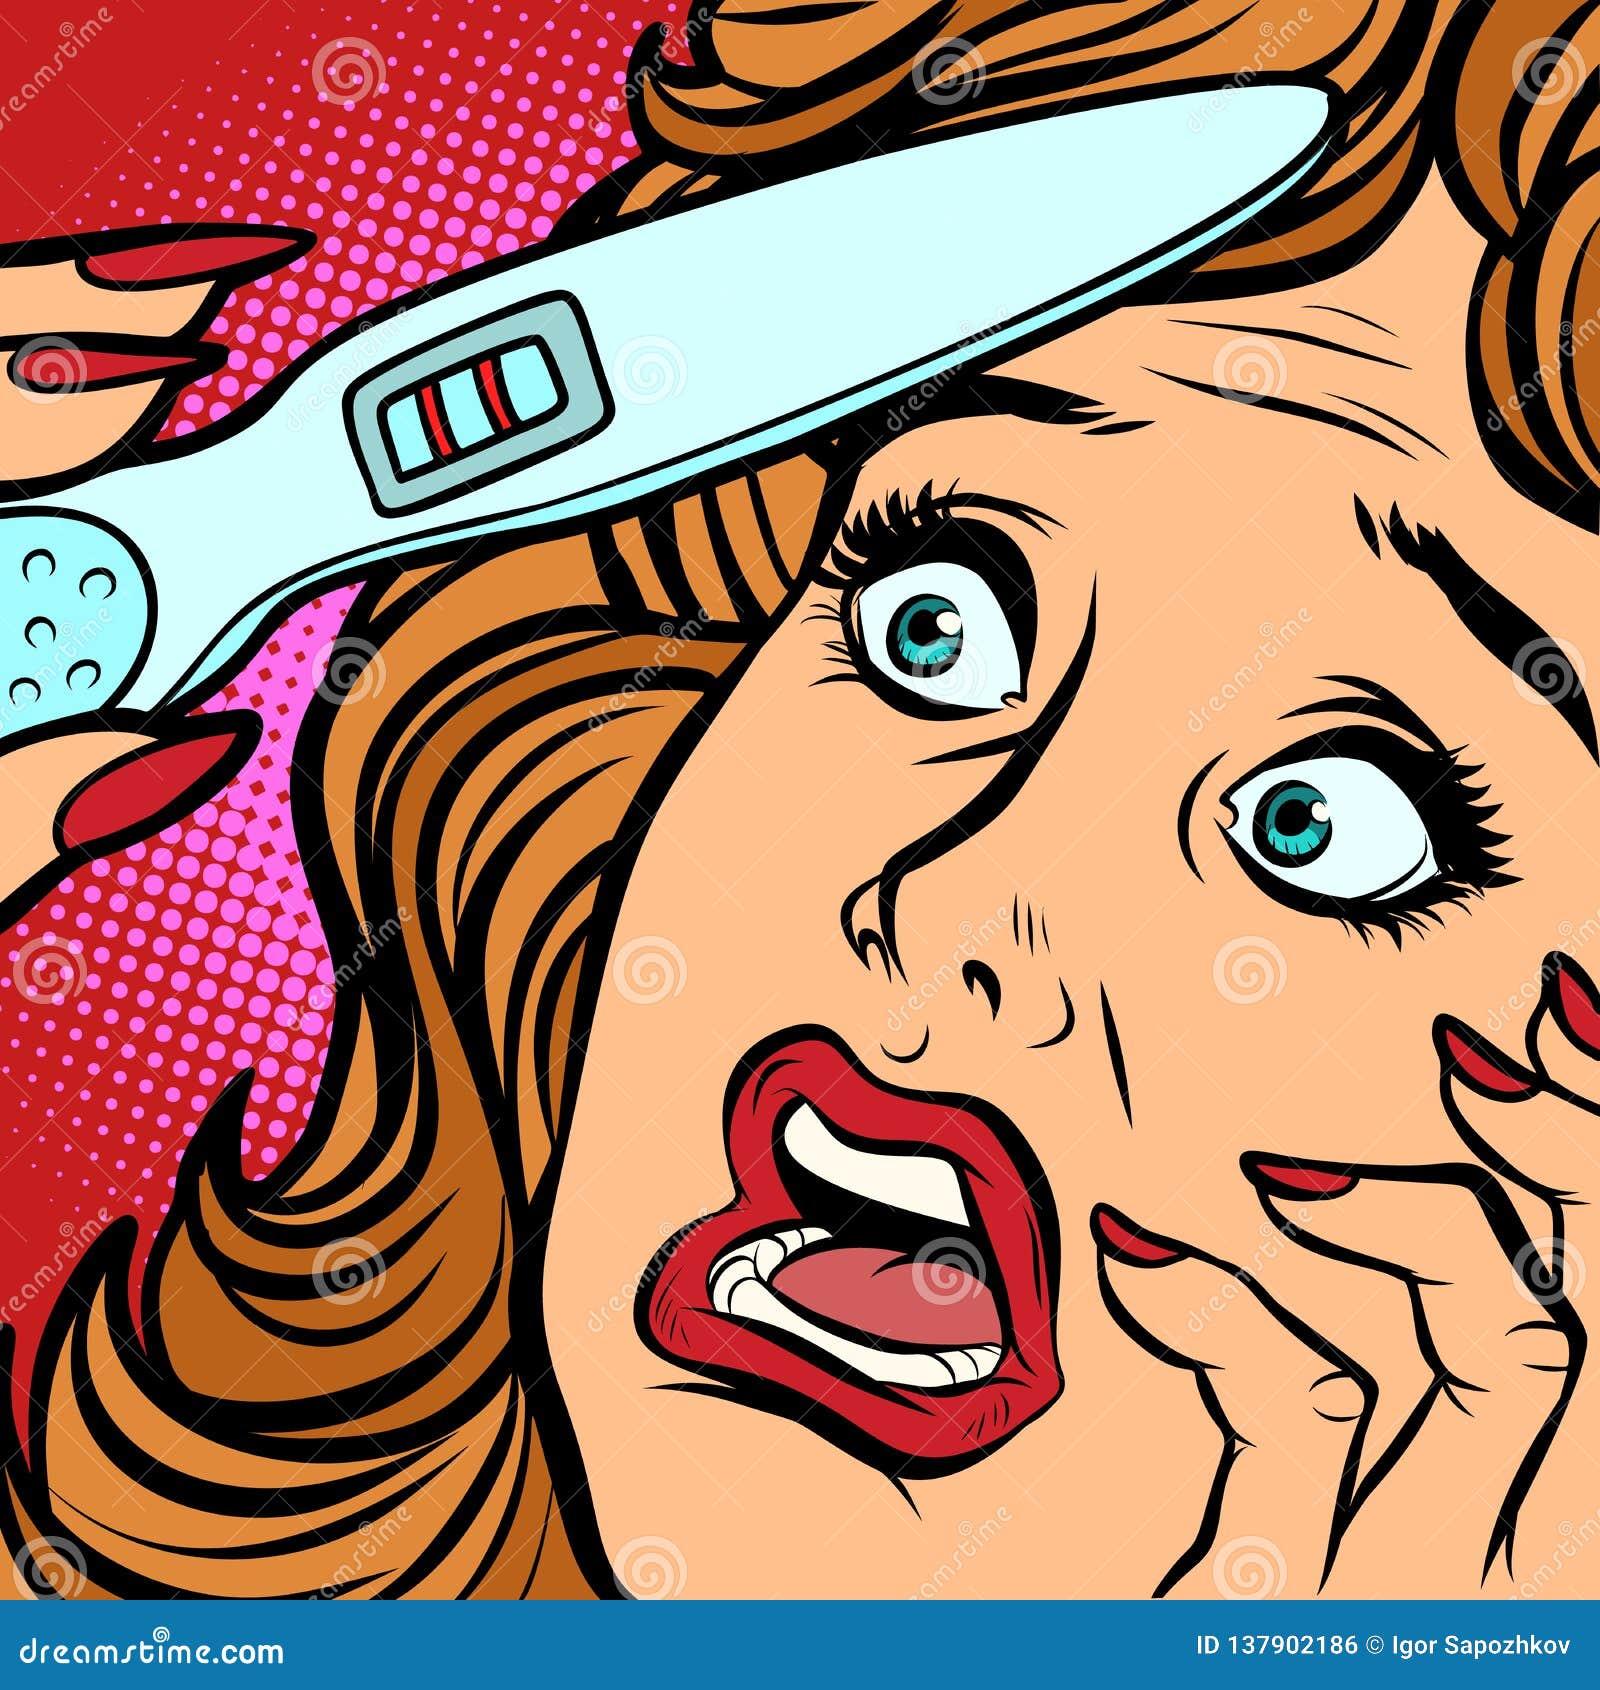 Cara do medo da mulher das tiras do teste de gravidez dois